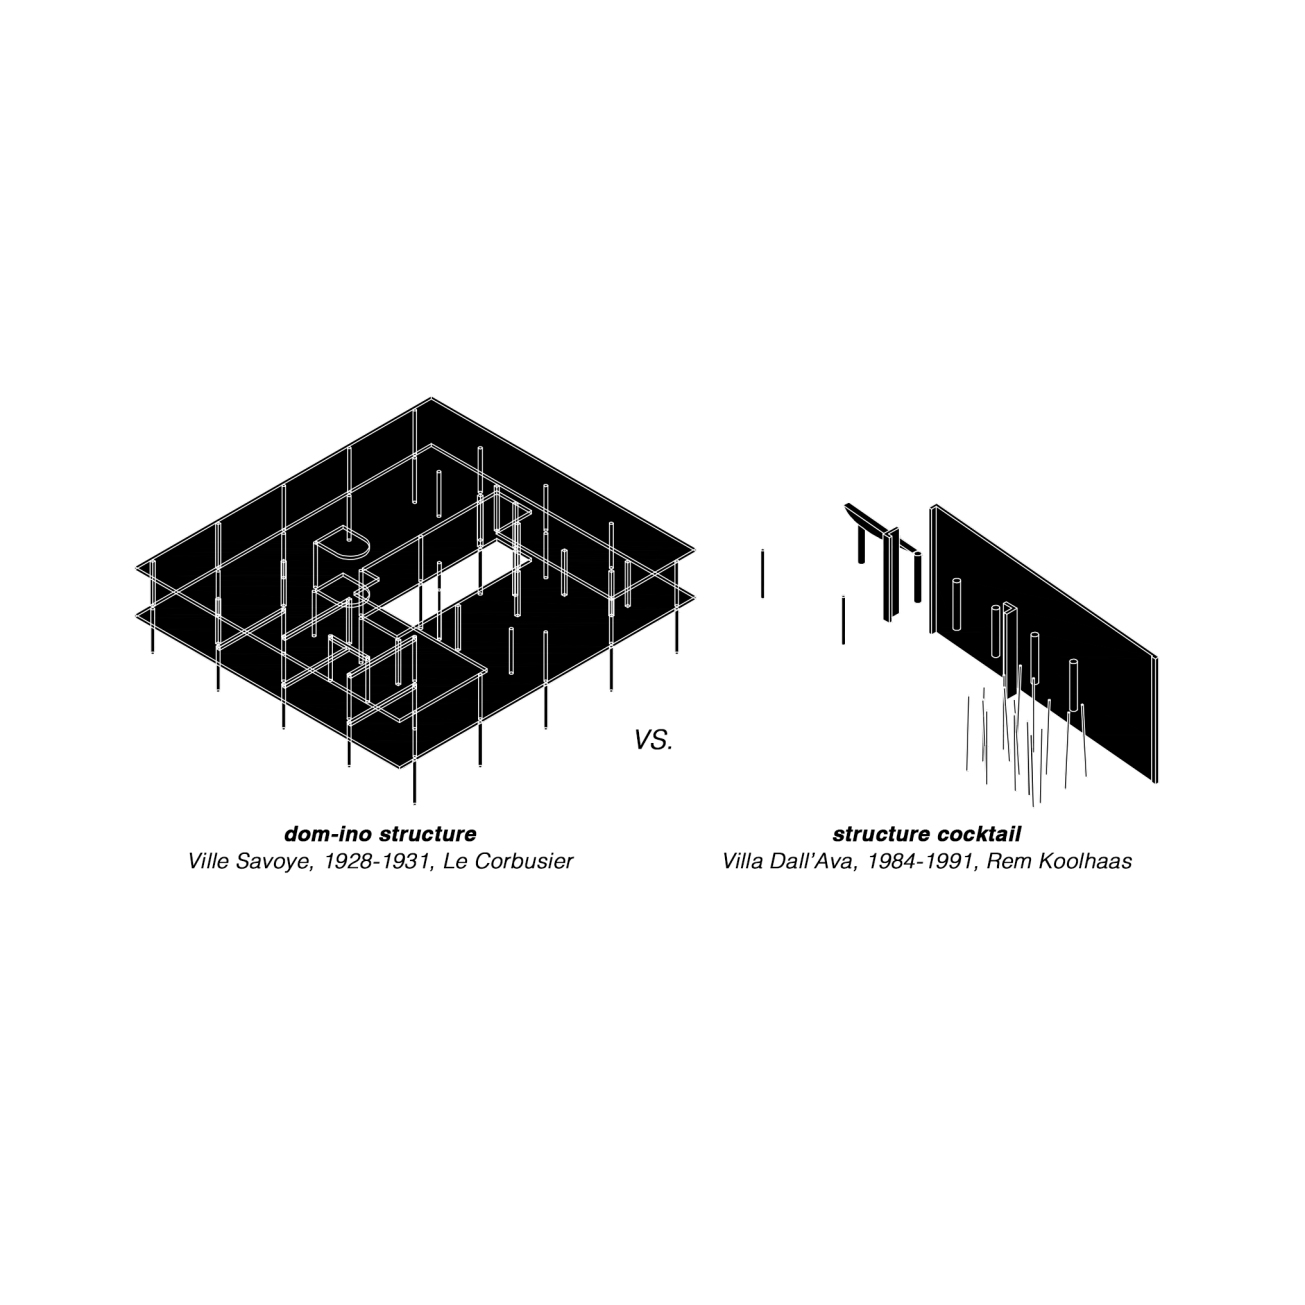 04_Structure_Ville Savoye vs Villa Dall'Ava_Alex-Duro_2016_Master-Degree-in-Advanced-Architecture-Projects_ETSAM